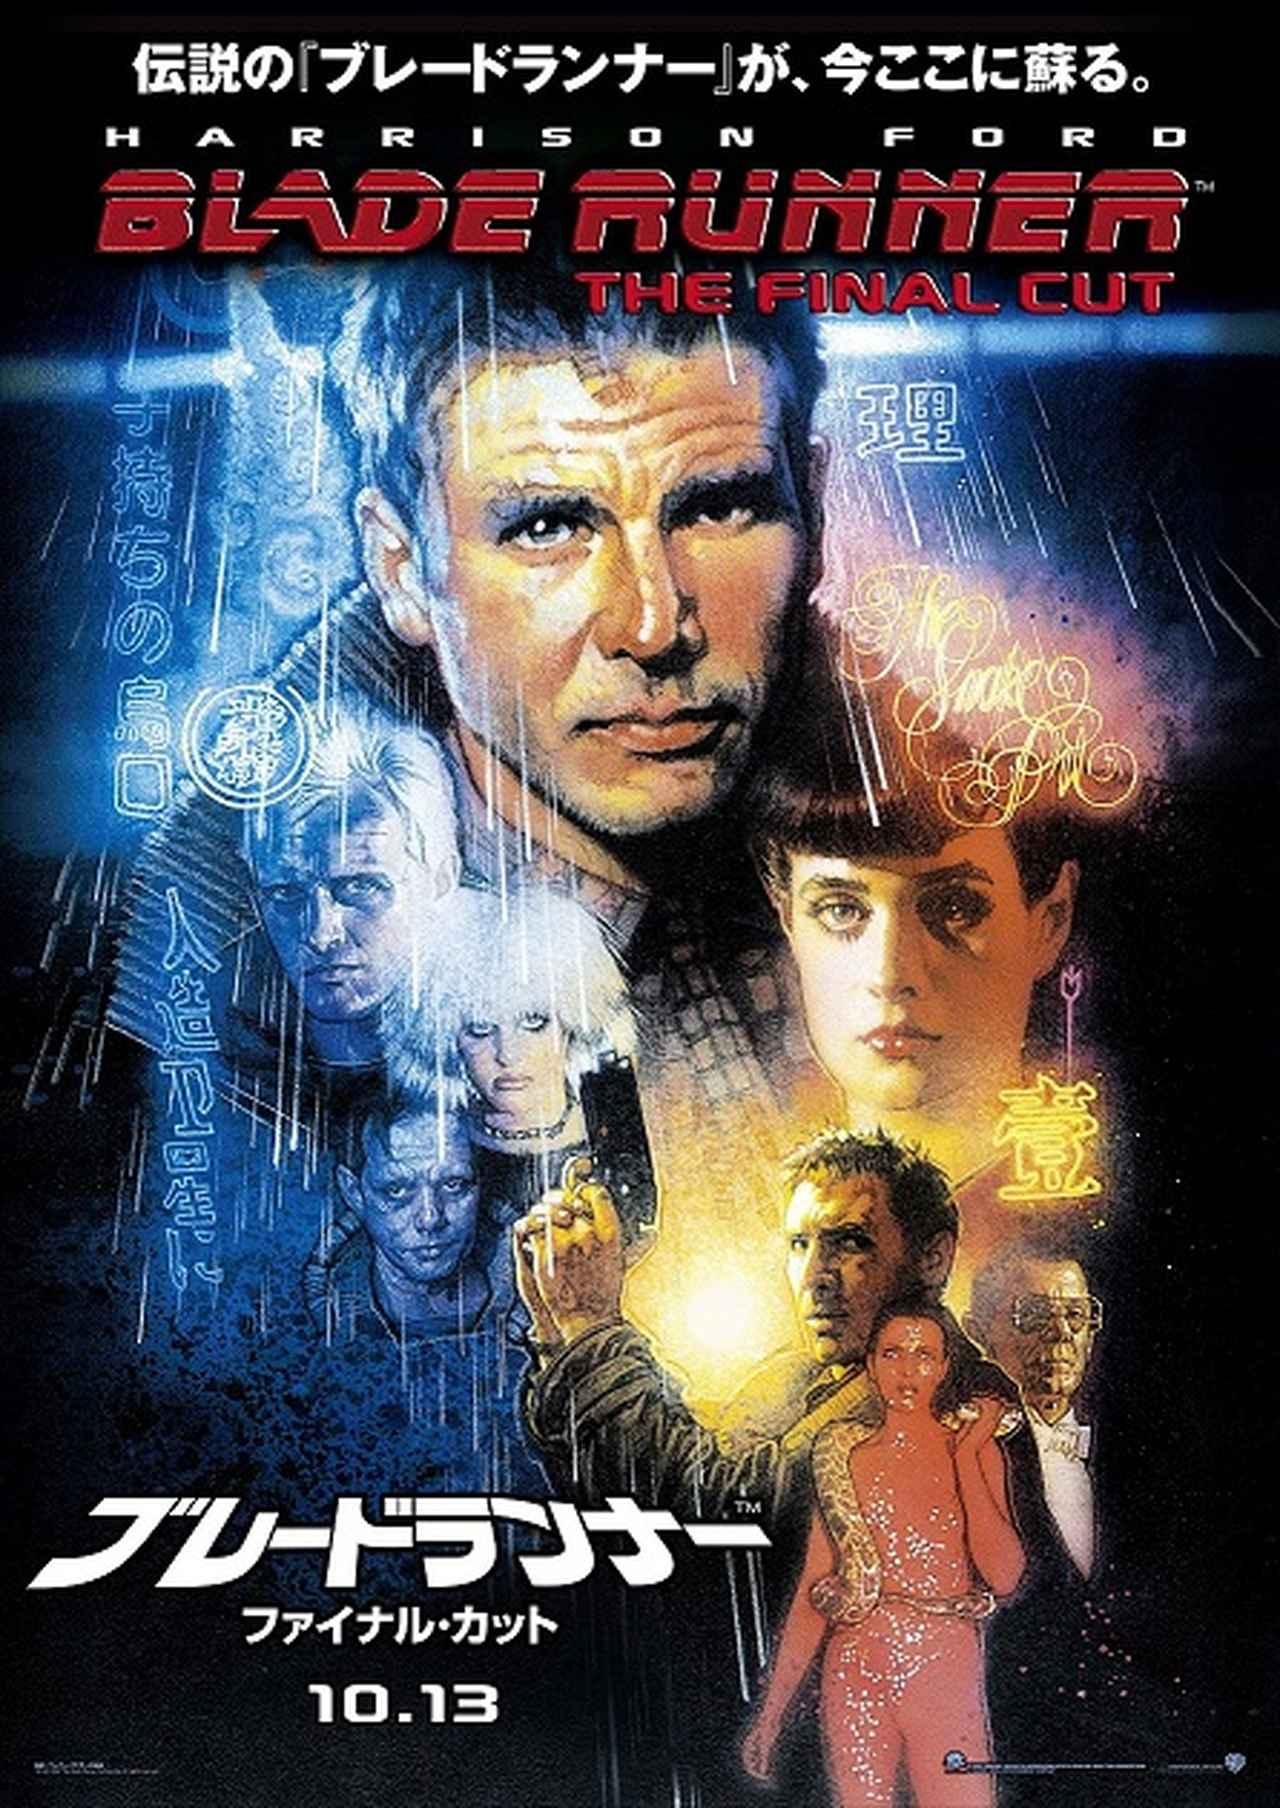 画像: TM & ©2017 The Blade Runner Partnership. All Rights Reserved